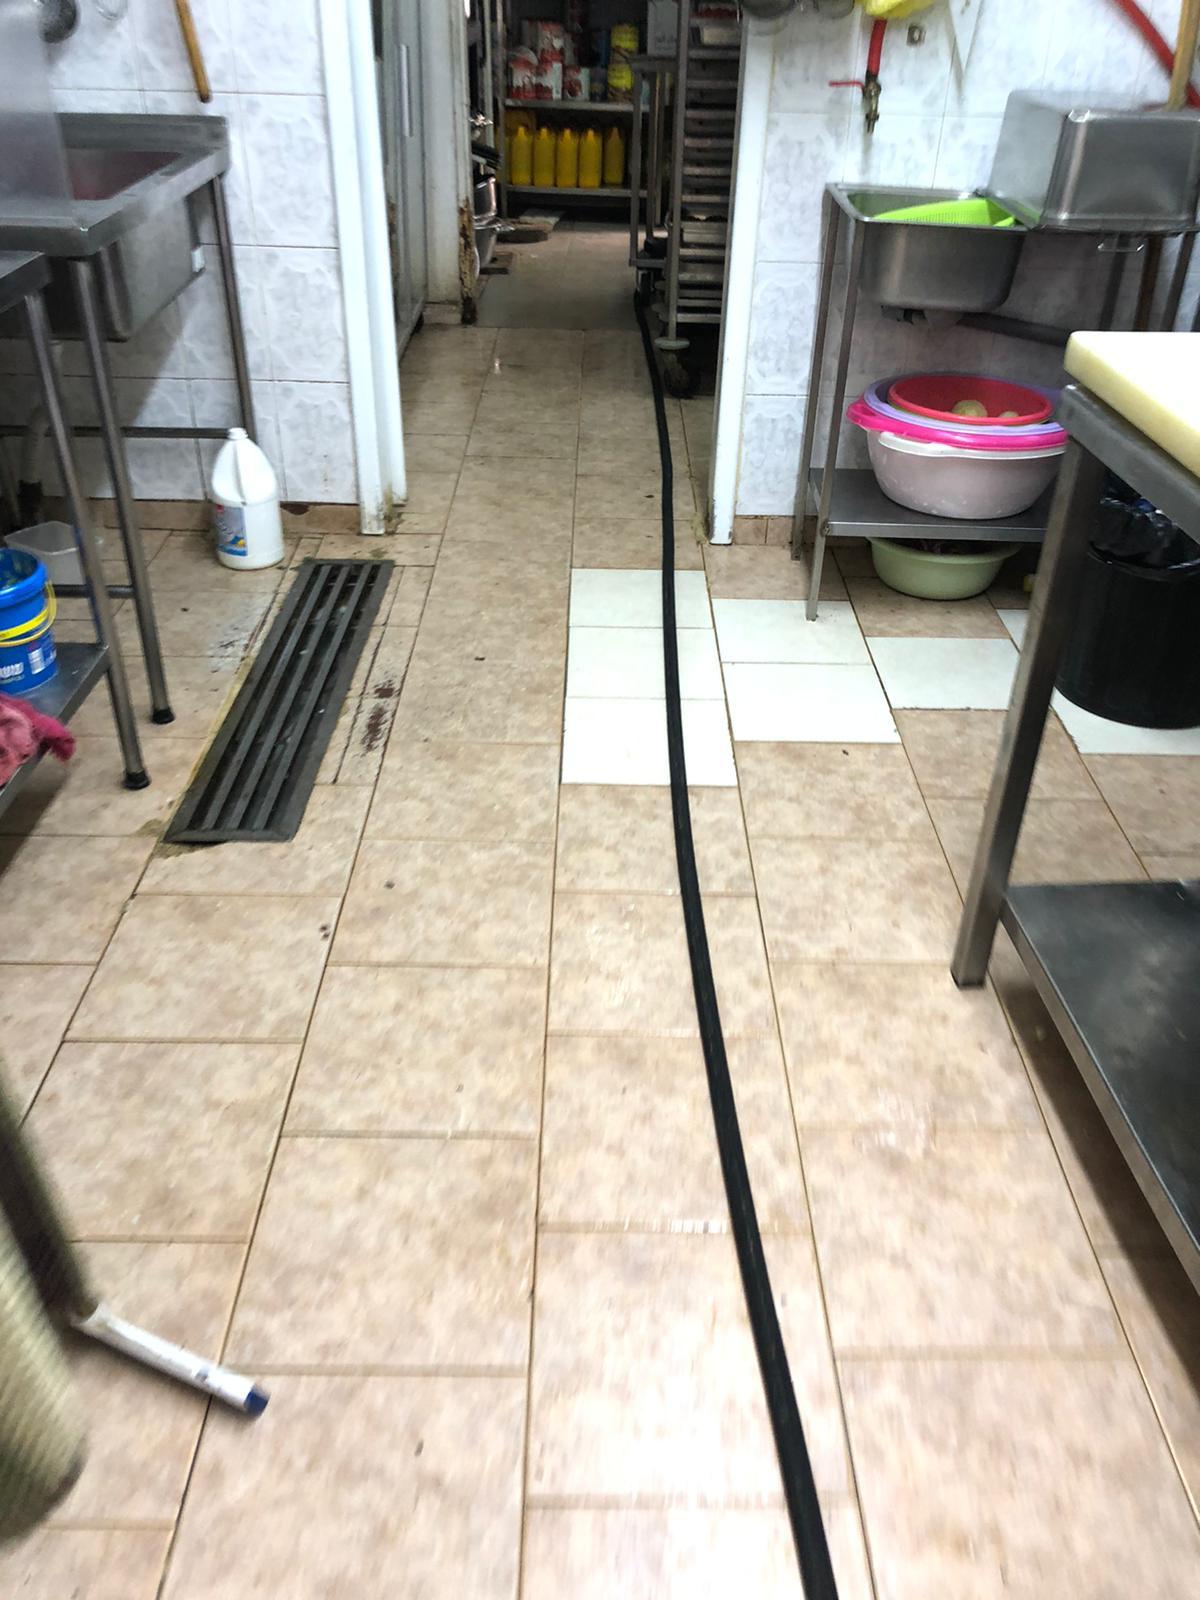 פתיחת סתימה ושאיבת בור מפריד שומנים למסעדה בשכונת בית הכרם ירושלים.